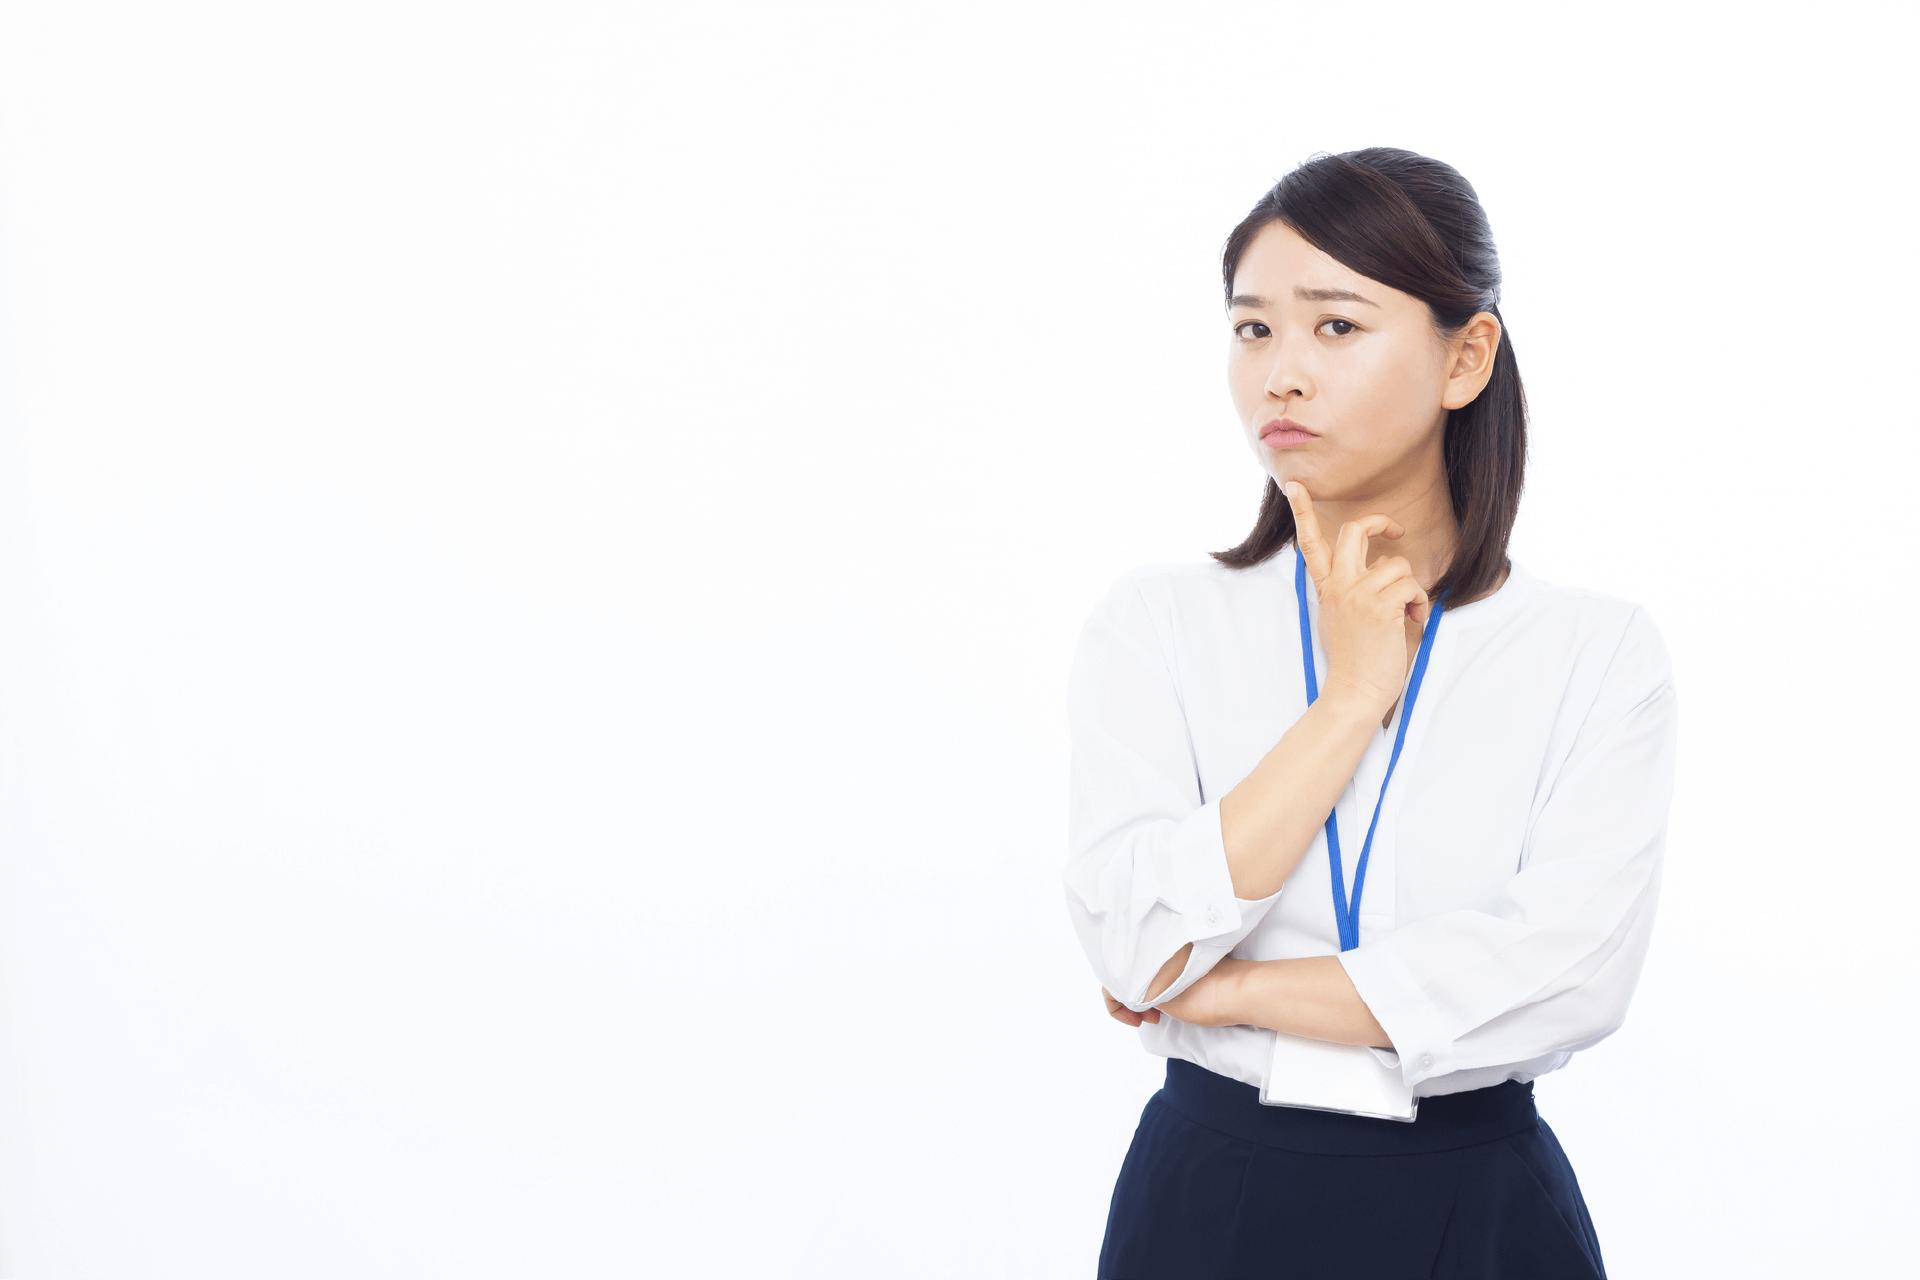 「精神的に弱い人」はどうすればいい?